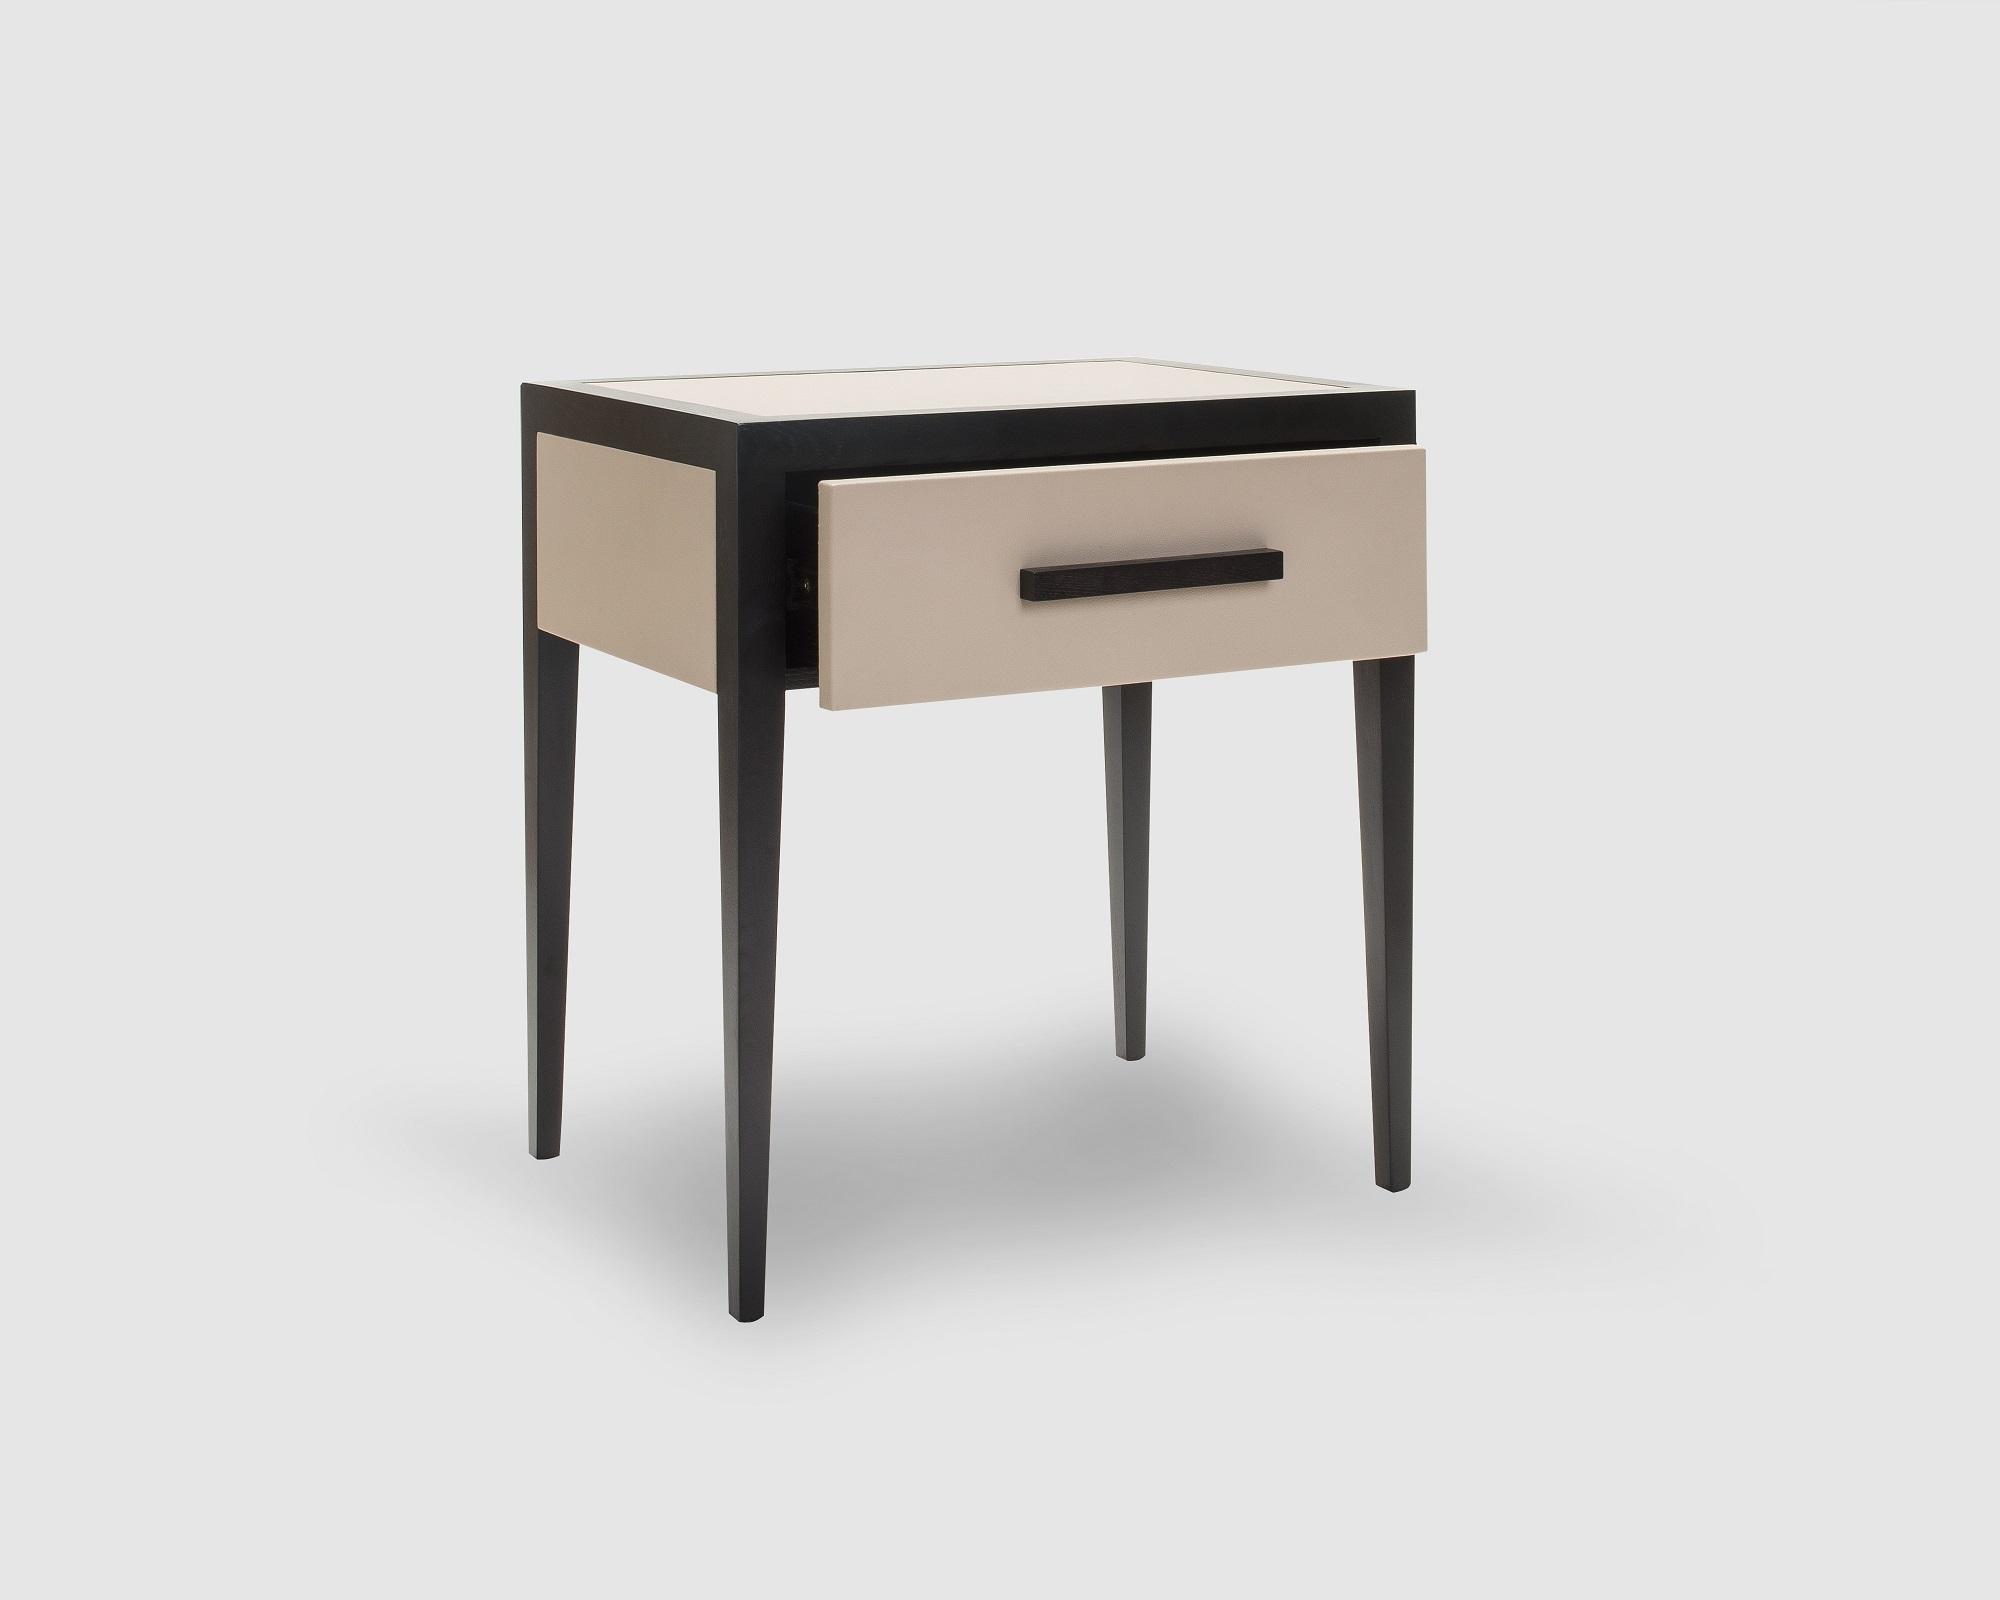 liang-eimil-liza-bedside-table-5